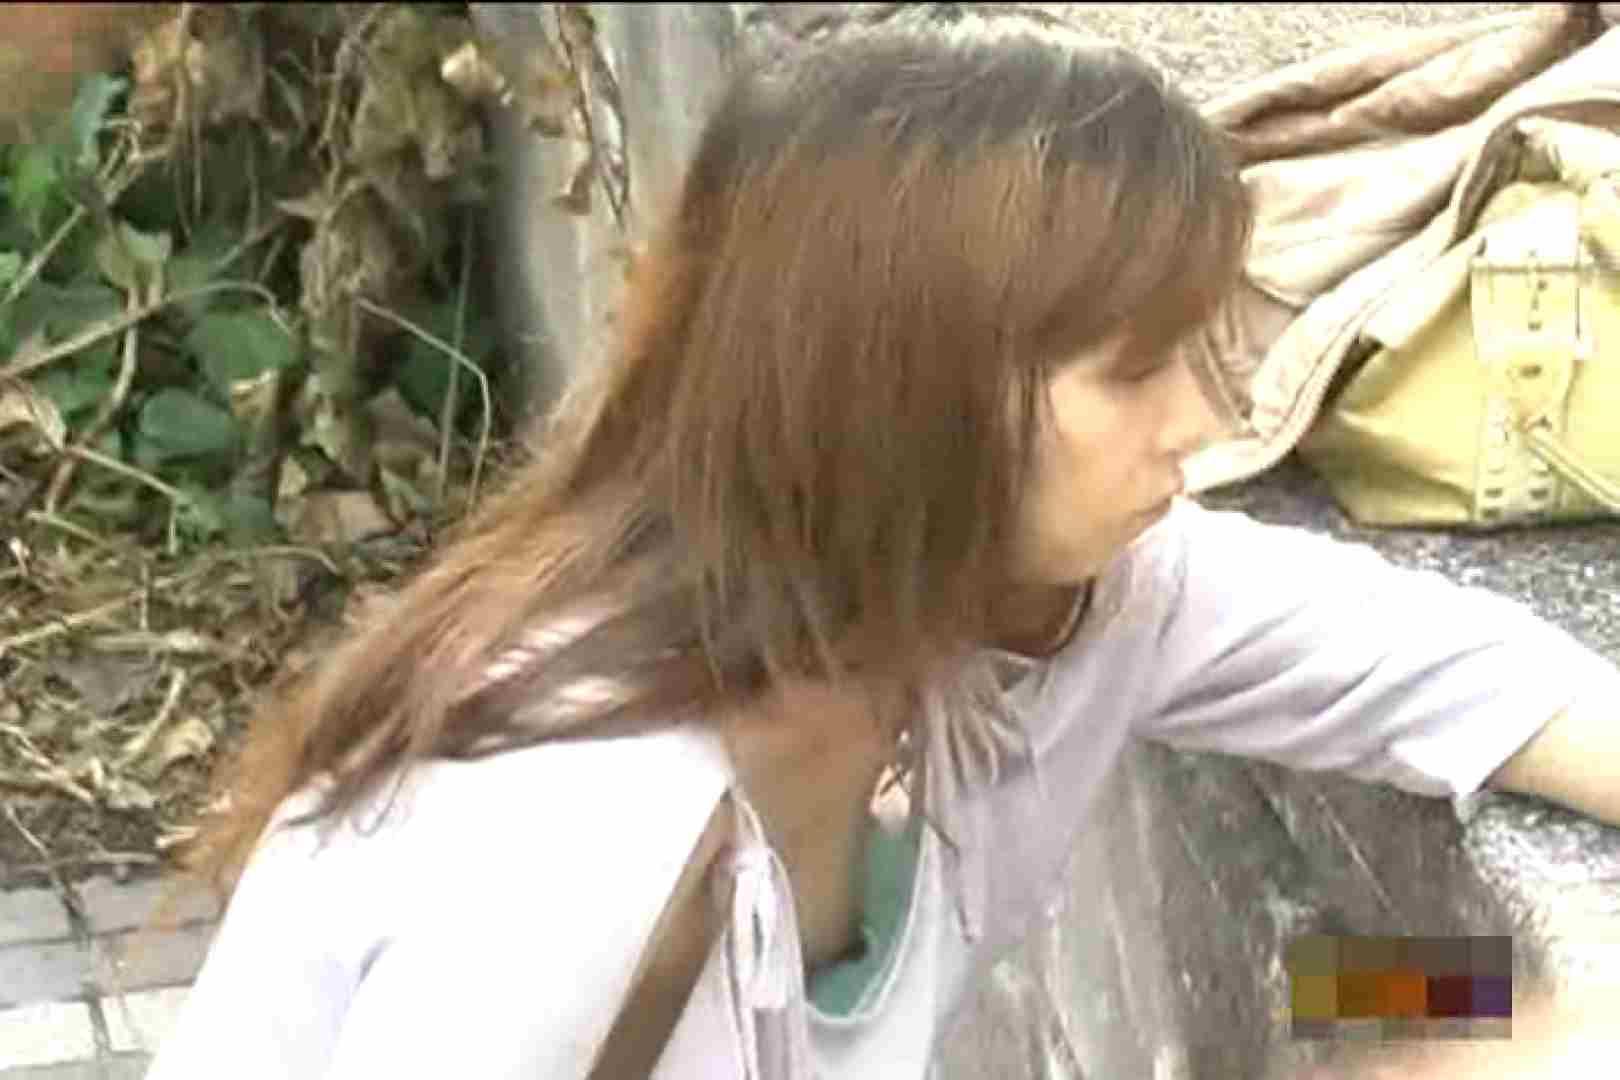 大胆露出胸チラギャル大量発生中!!Vol.4 乳首 盗み撮り動画キャプチャ 46pic 13